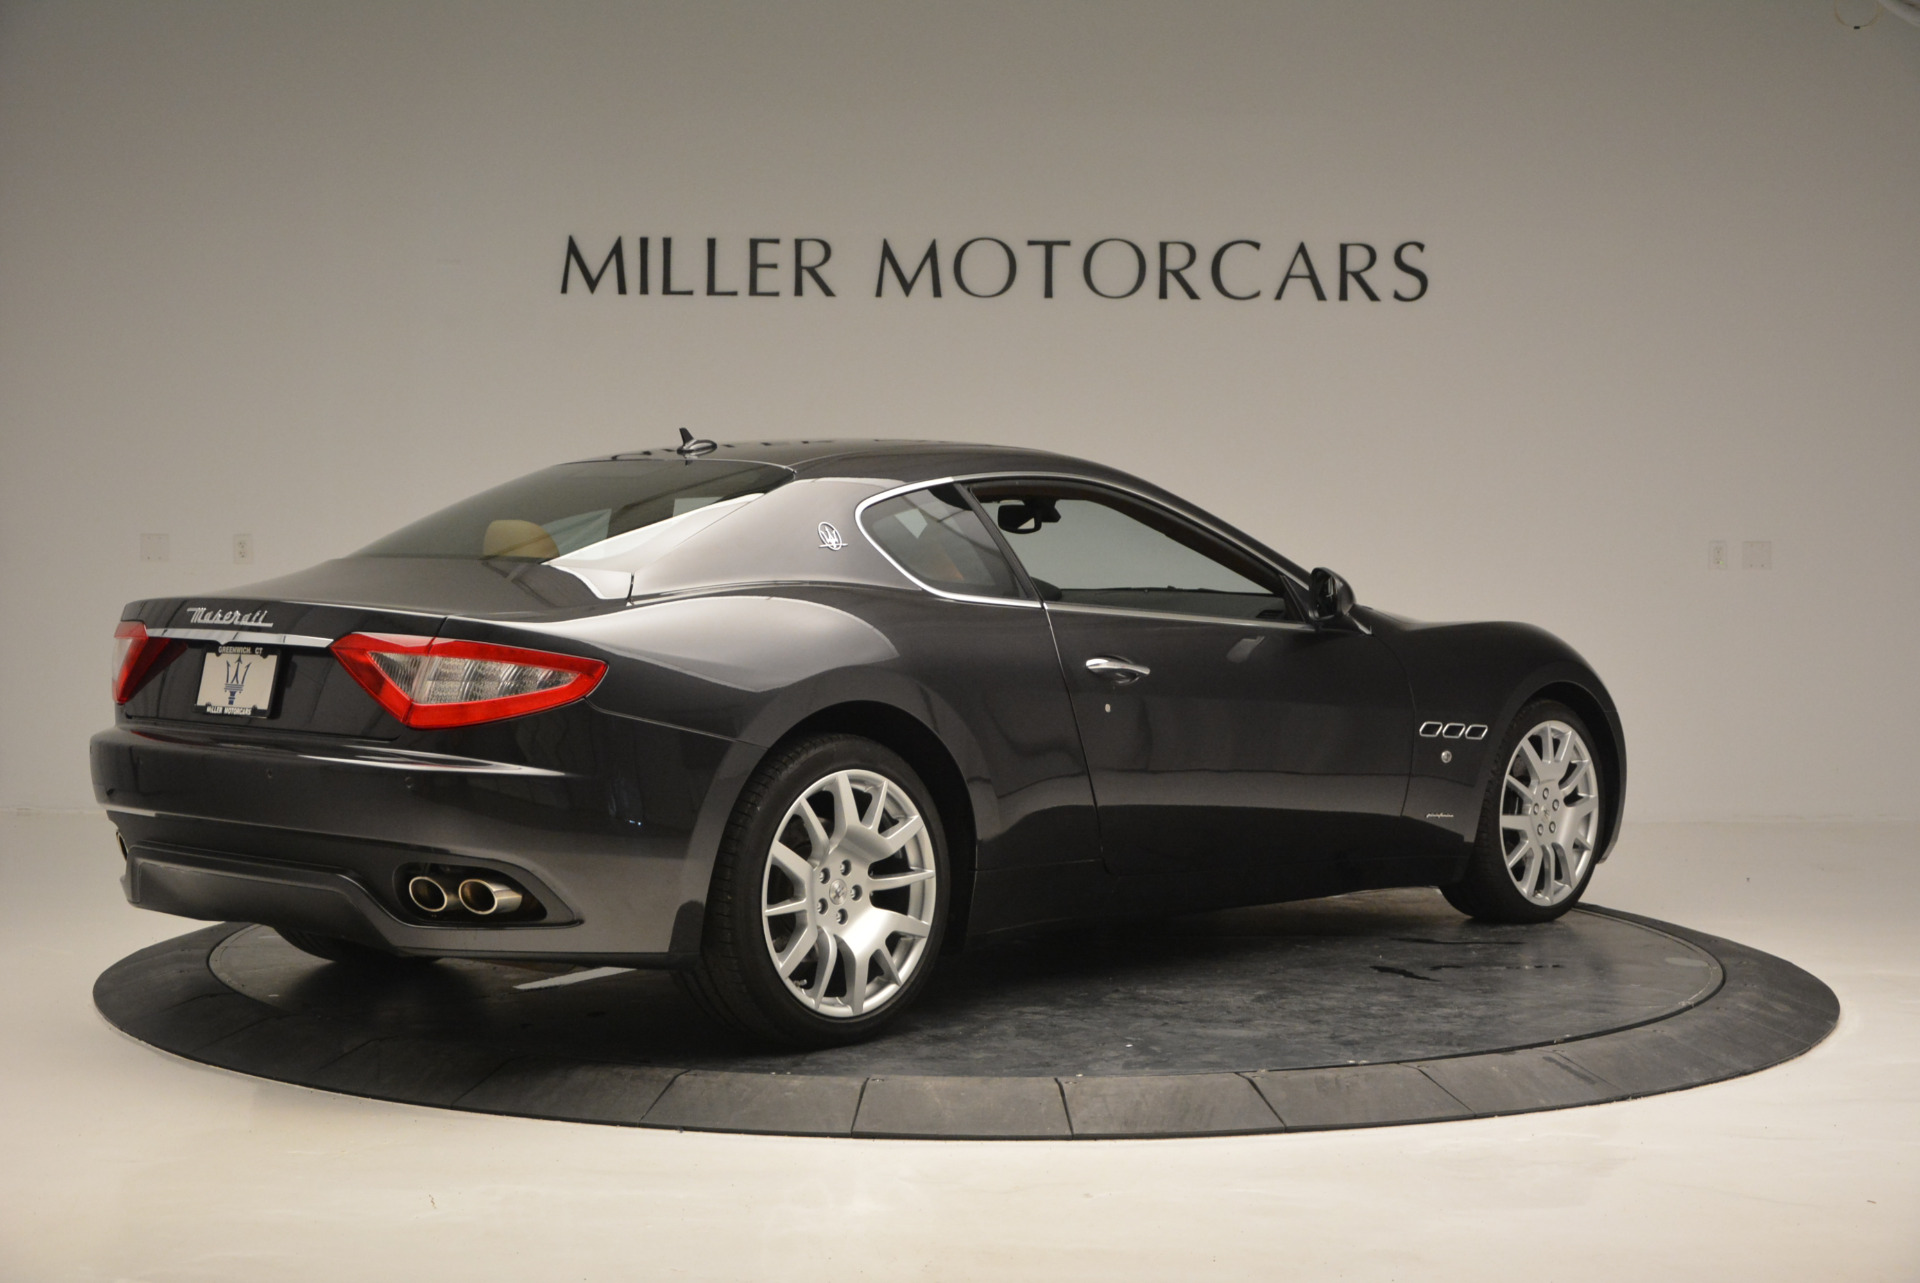 Used 2011 Maserati GranTurismo  For Sale In Westport, CT 816_p8